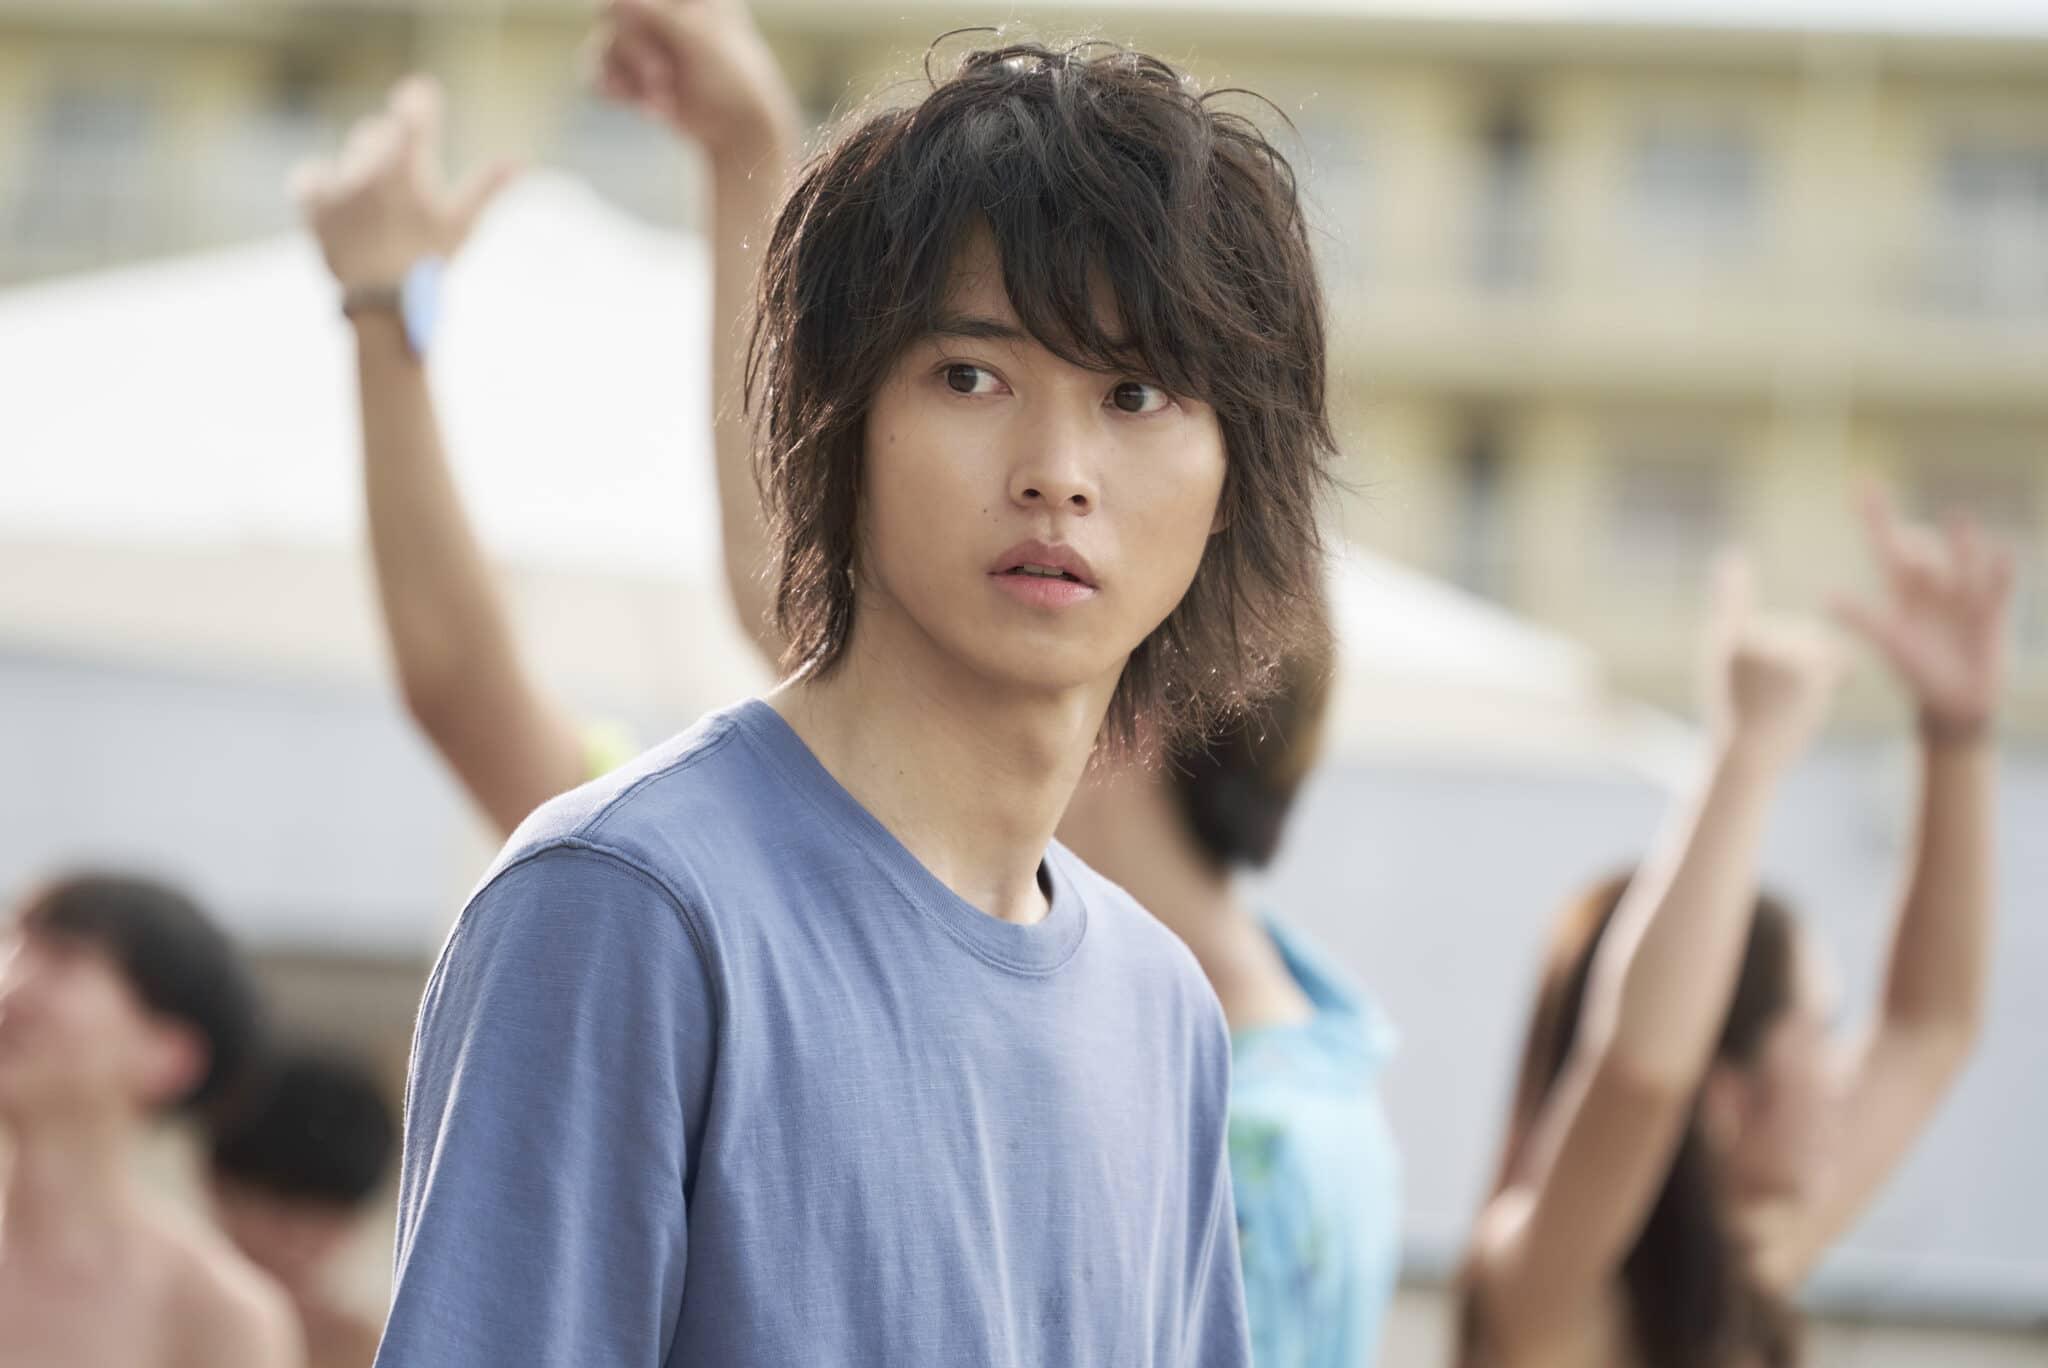 Arisu (Kento Yamazaki) schaut erstaunt. Im Hintergrund sieht man feiernde Menschen.